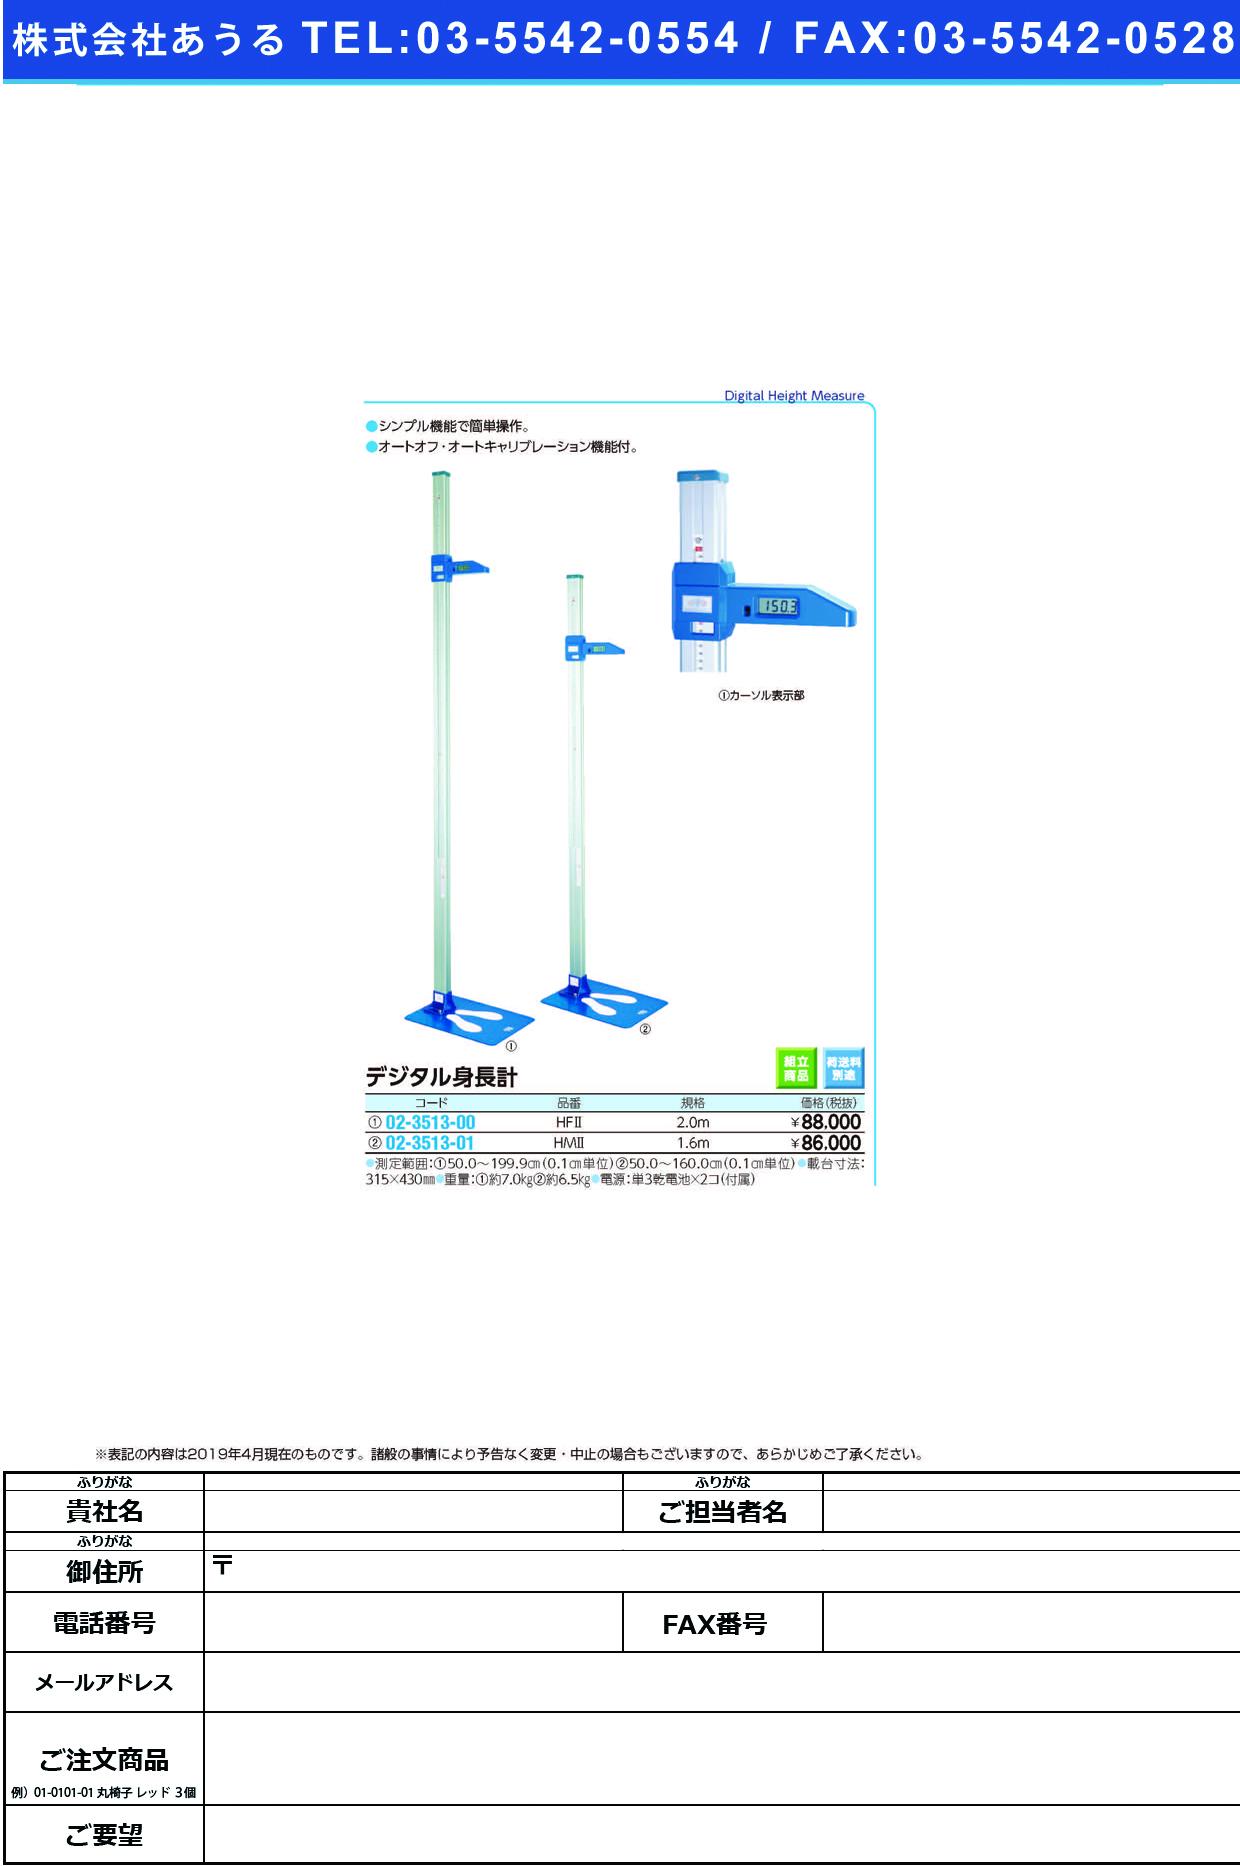 (02-3513-01)デジタル身長計 HM2(1.6M) デジタルシンチョウケイ【1台単位】【2019年カタログ商品】